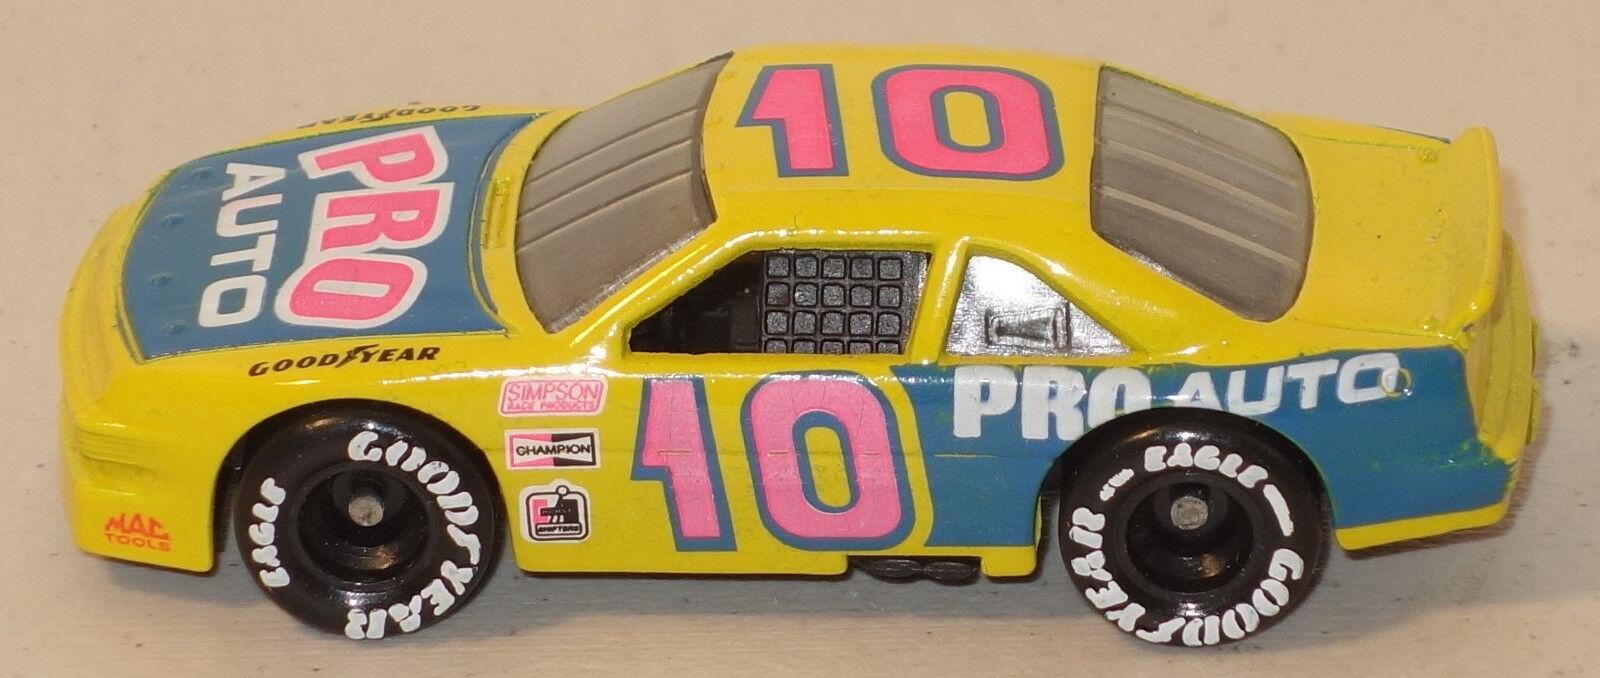 Matchbox Superfast DTE Raro giallo Pontiac Grand Prix Pro Auto Nascar PrePro